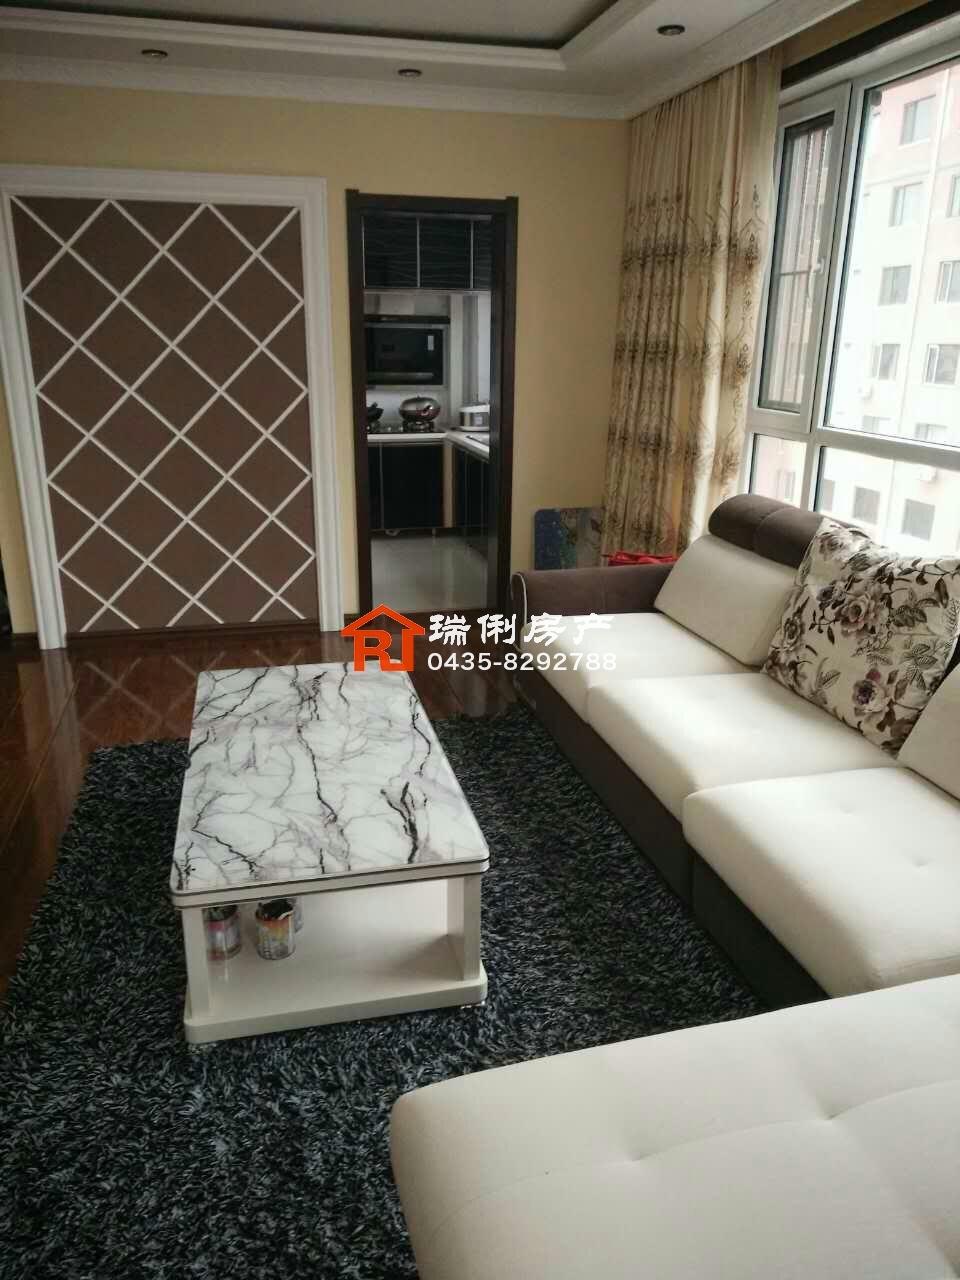 朝阳镇星华家园2室1厅1卫49万元